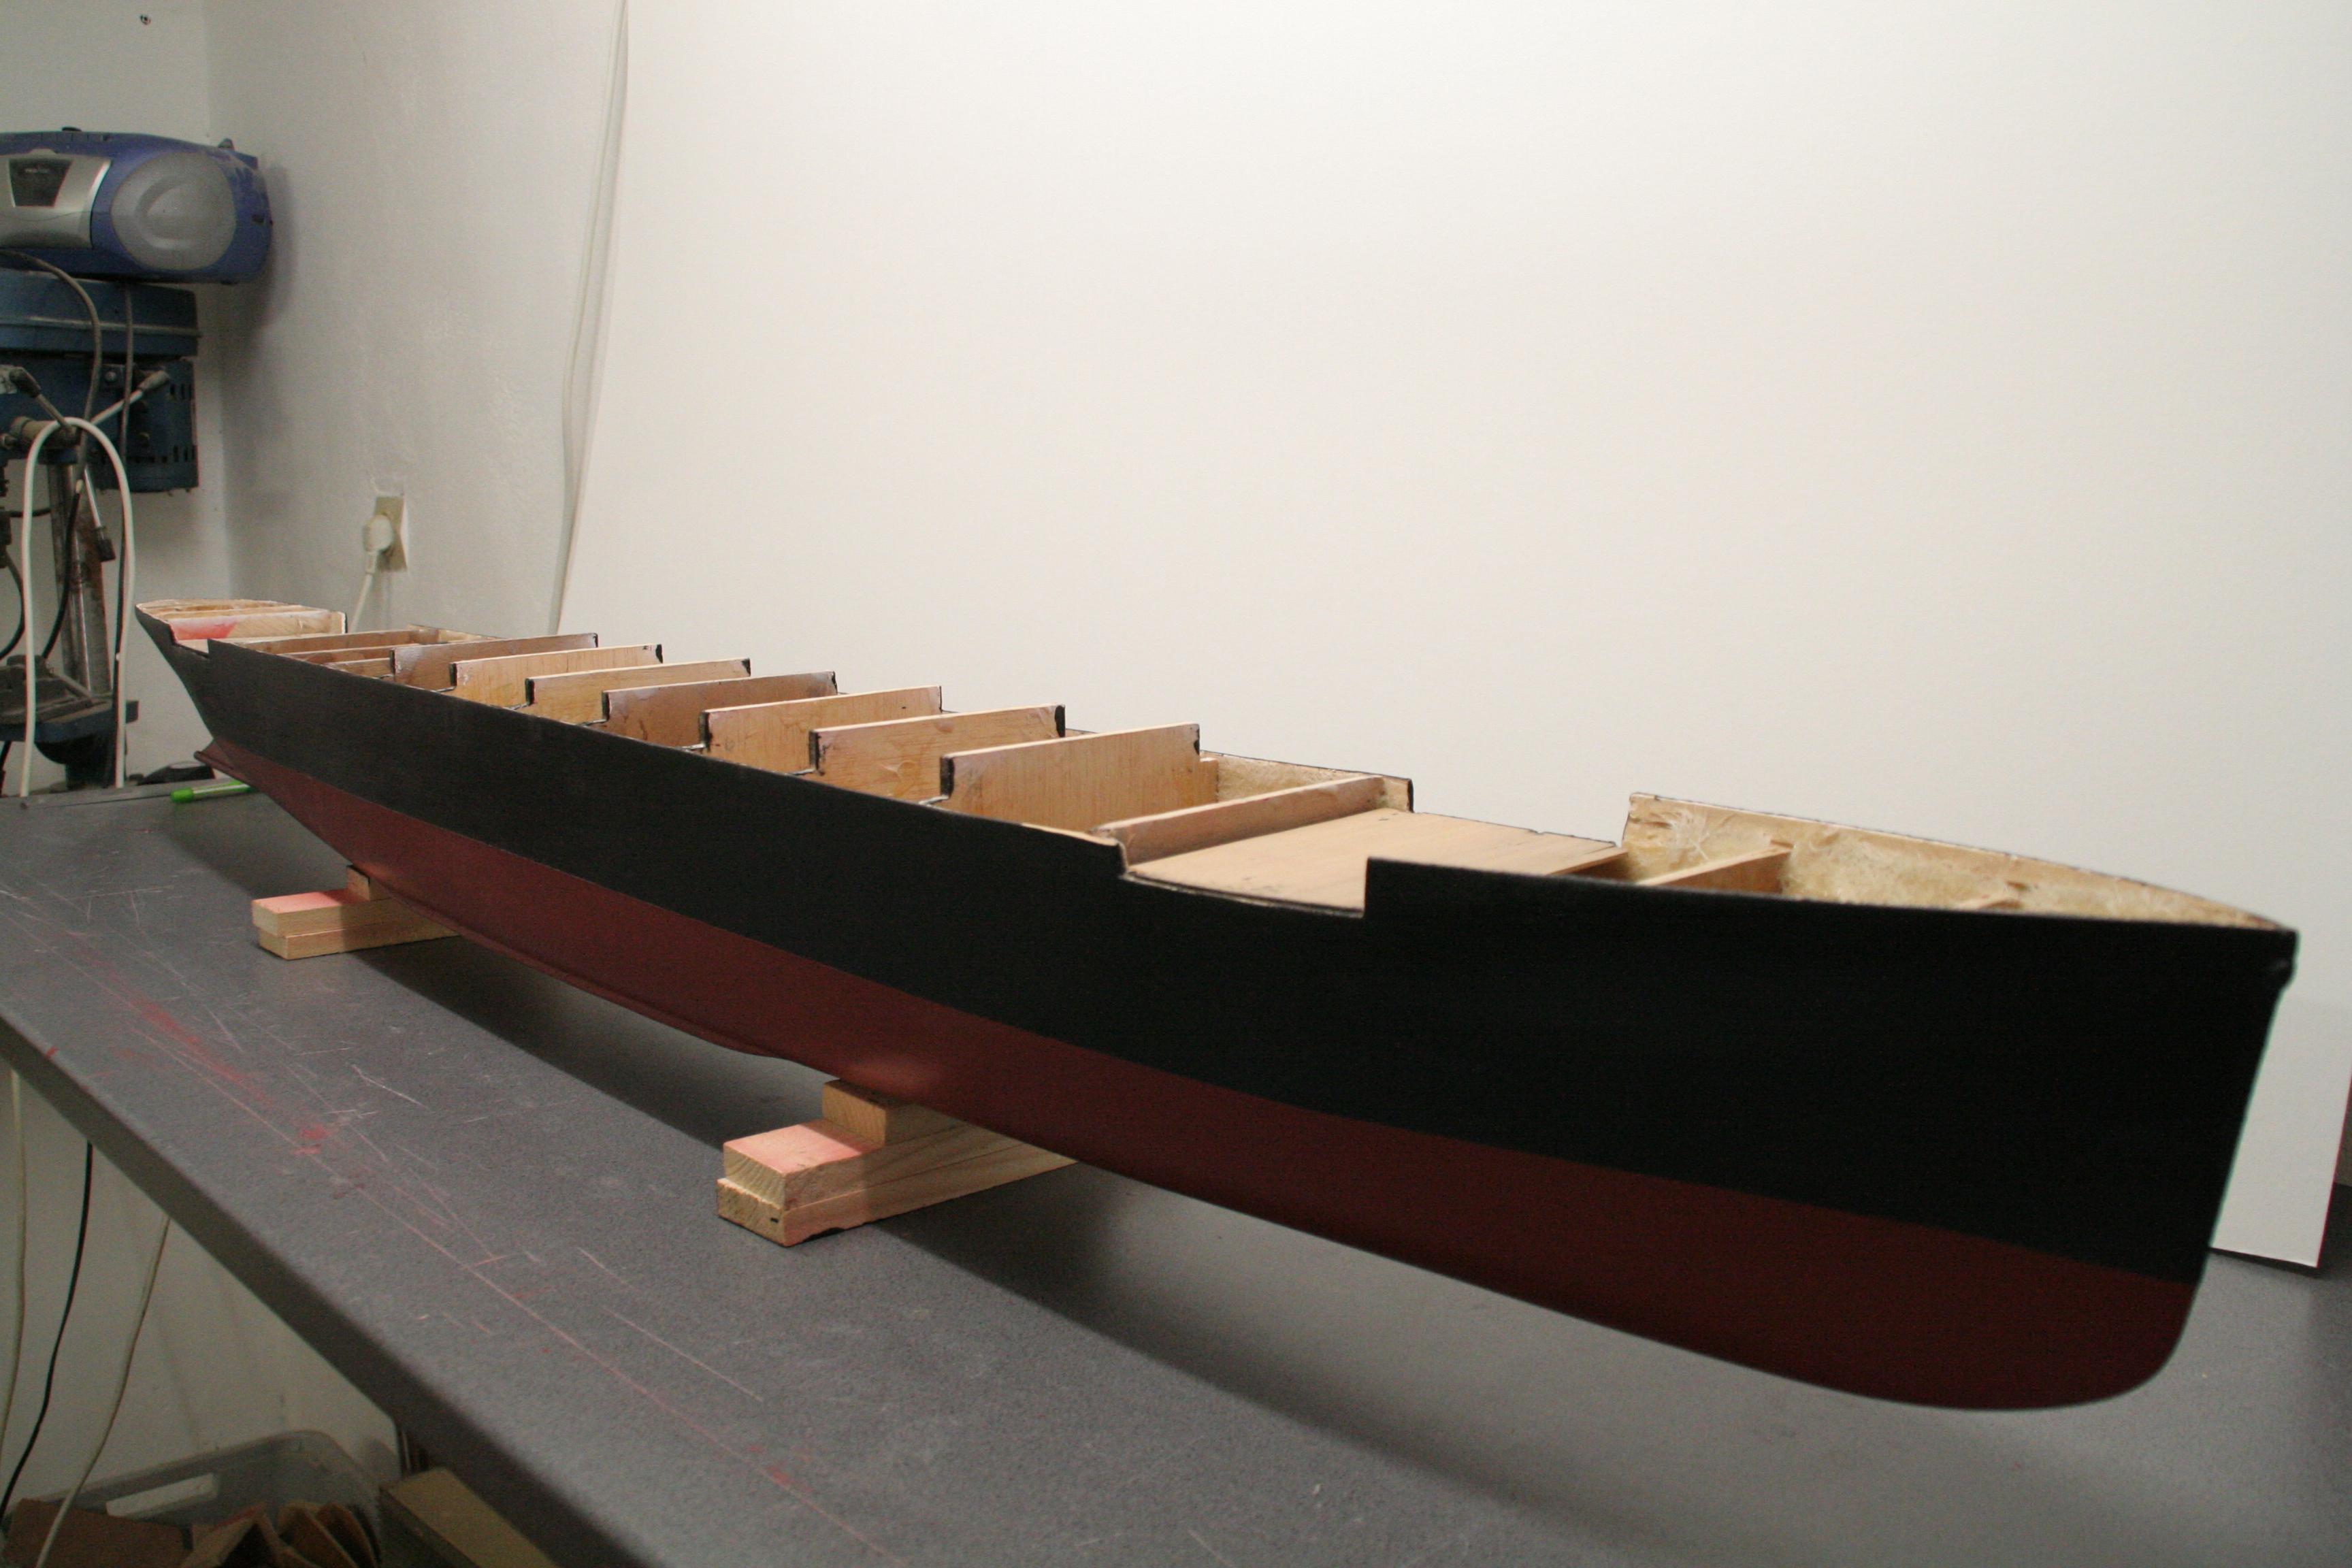 RMS Titanic sur plan   au 1/200 2190001721